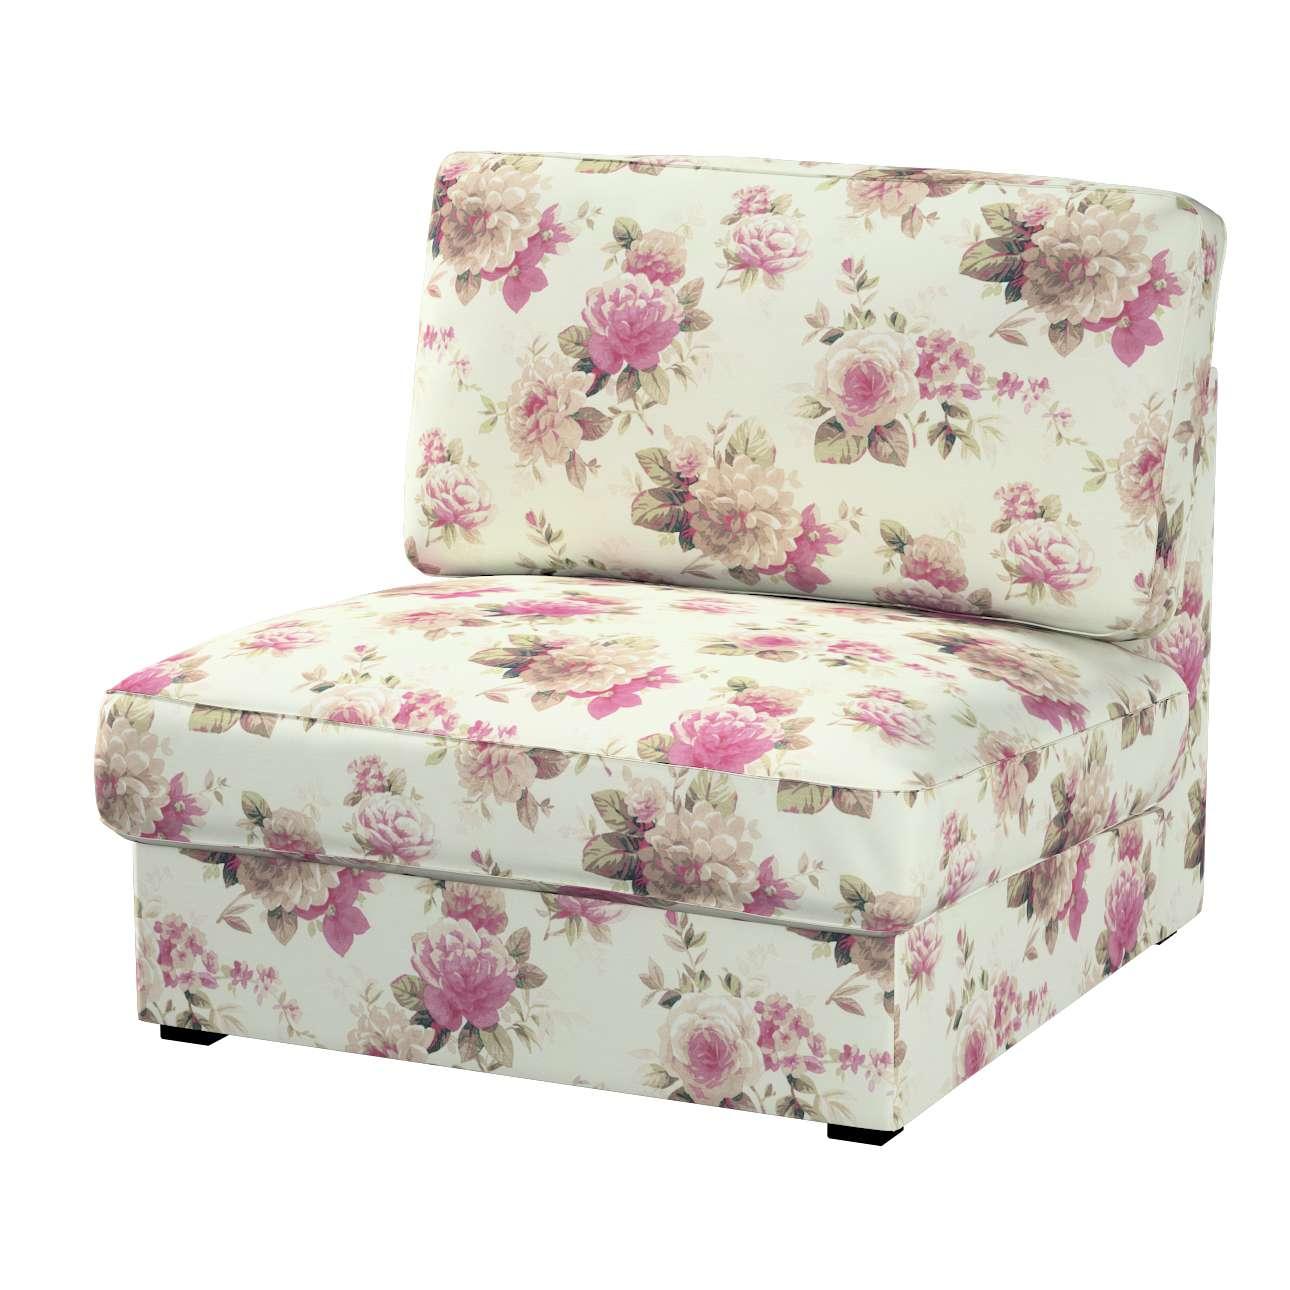 Pokrowiec na fotel Kivik Fotel Kivik w kolekcji Mirella, tkanina: 141-07